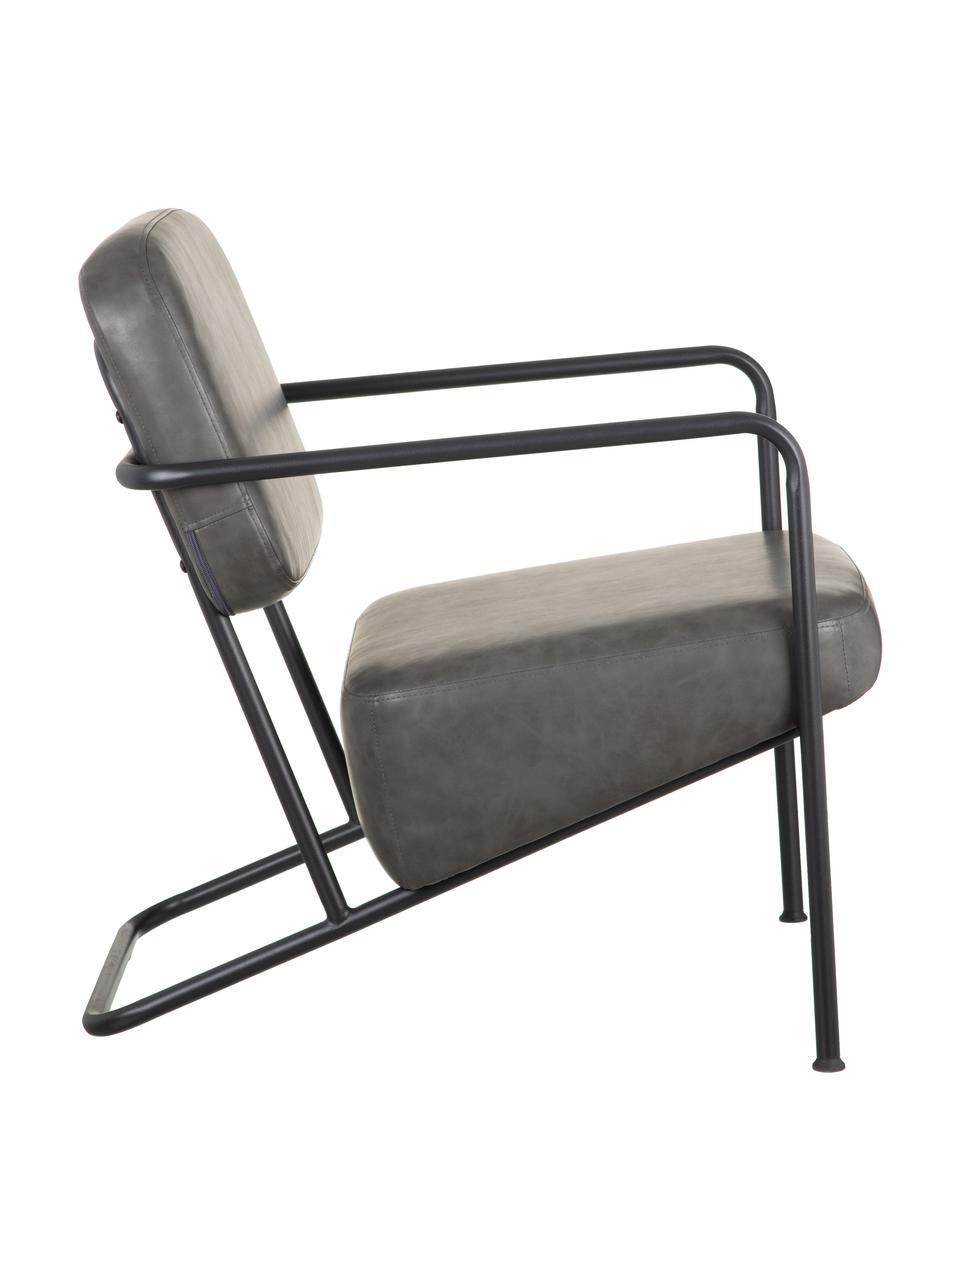 Kunstleder-Loungesessel Arms mit Metall-Gestell, Bezug: Kunstleder, Gestell: Schichtholz, Rahmen: Metall, beschichtet, Grau, B 57 x T 76 cm